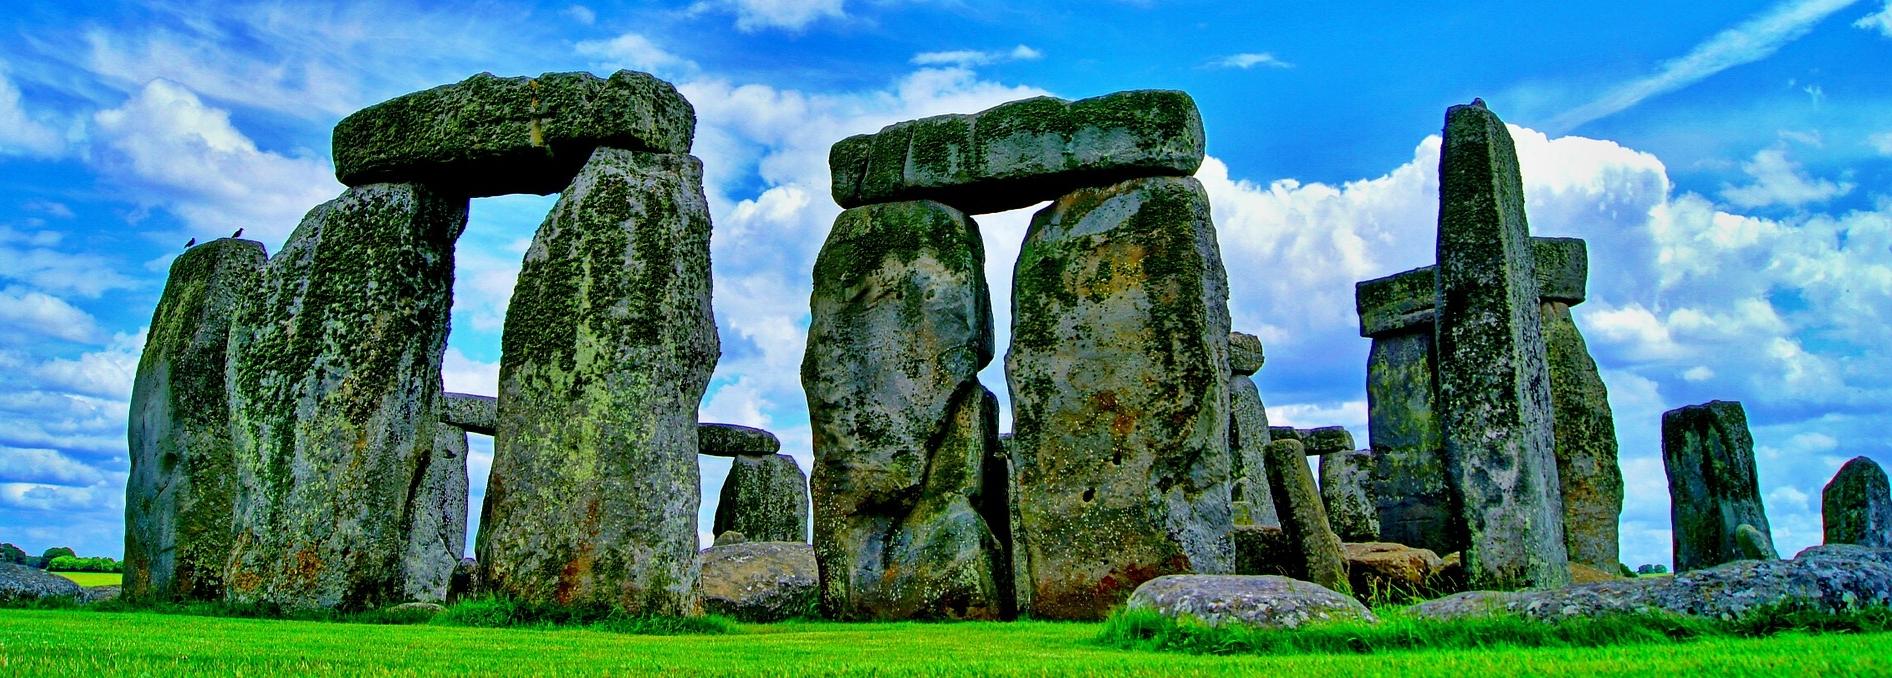 stonehenge-101801_1920.jpg